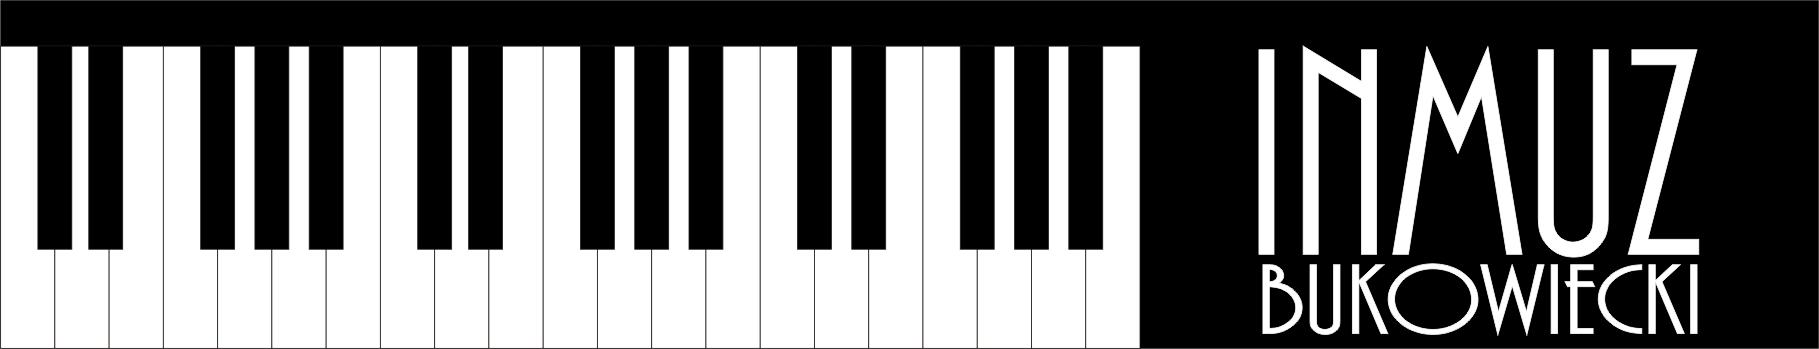 Strojenie instrumentów muzycznych